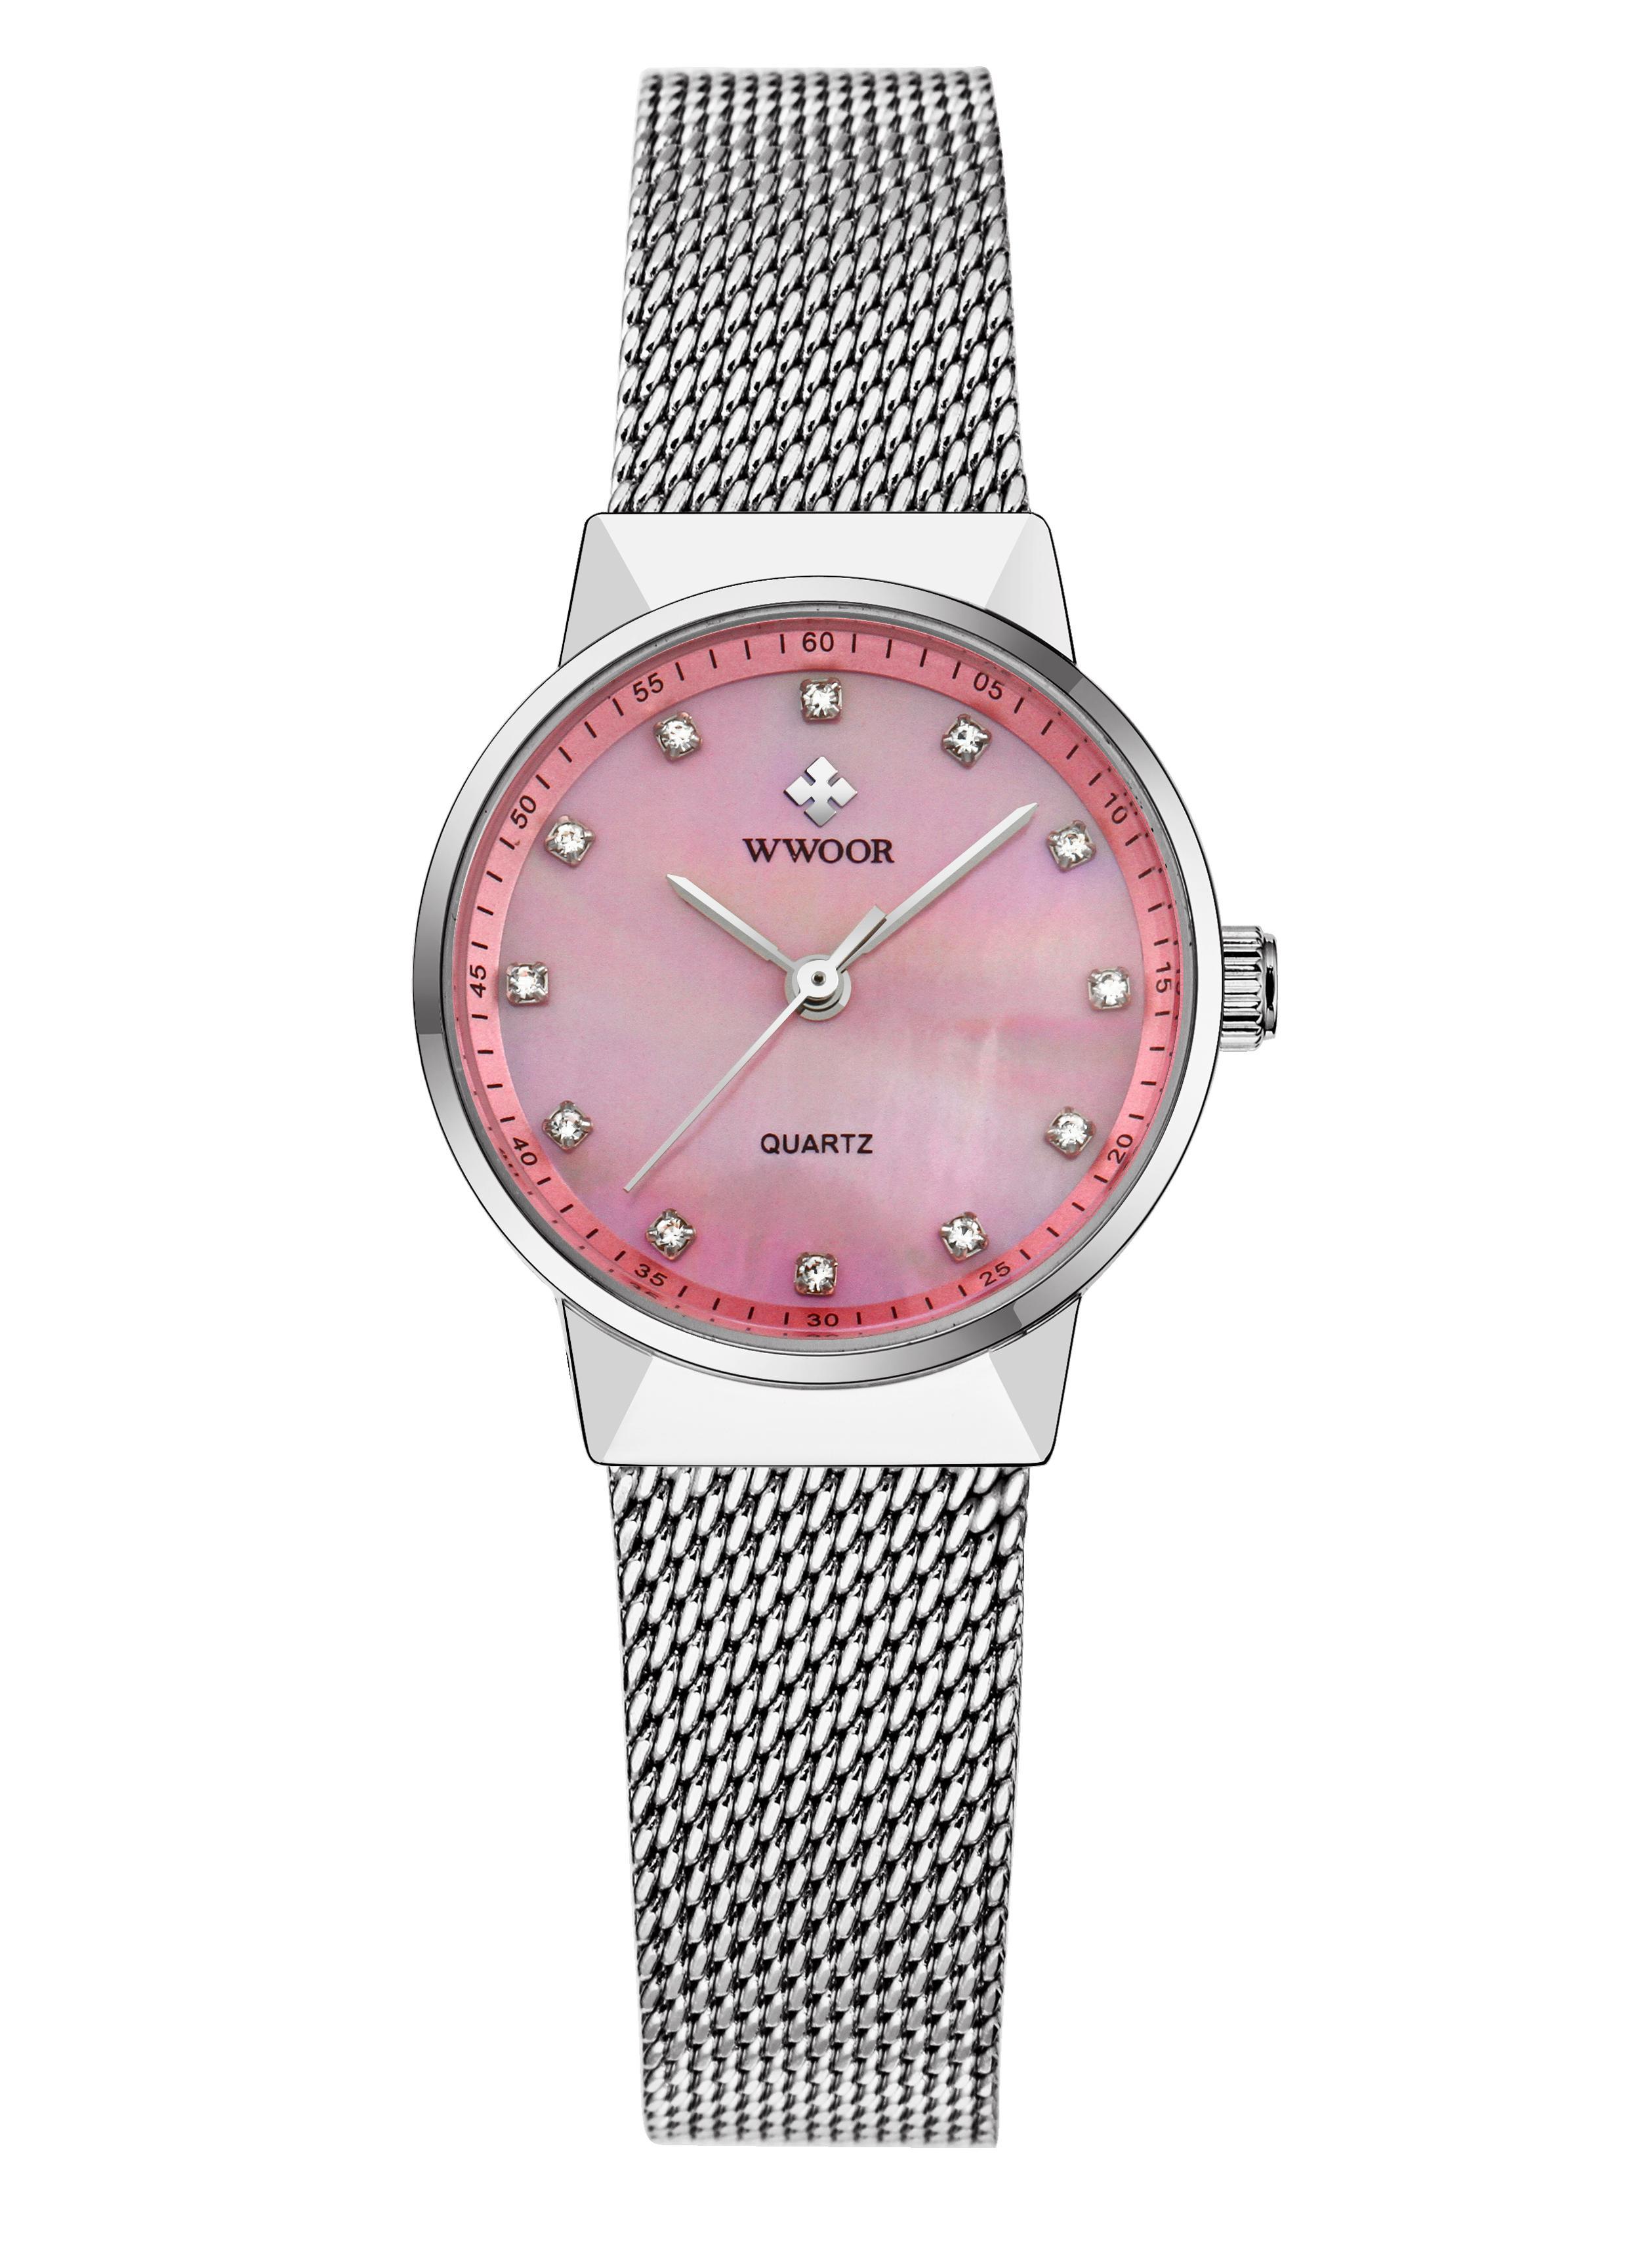 WWOOR Модная бриллиантовая сетка из нержавеющей стали Кварцевые женские часы